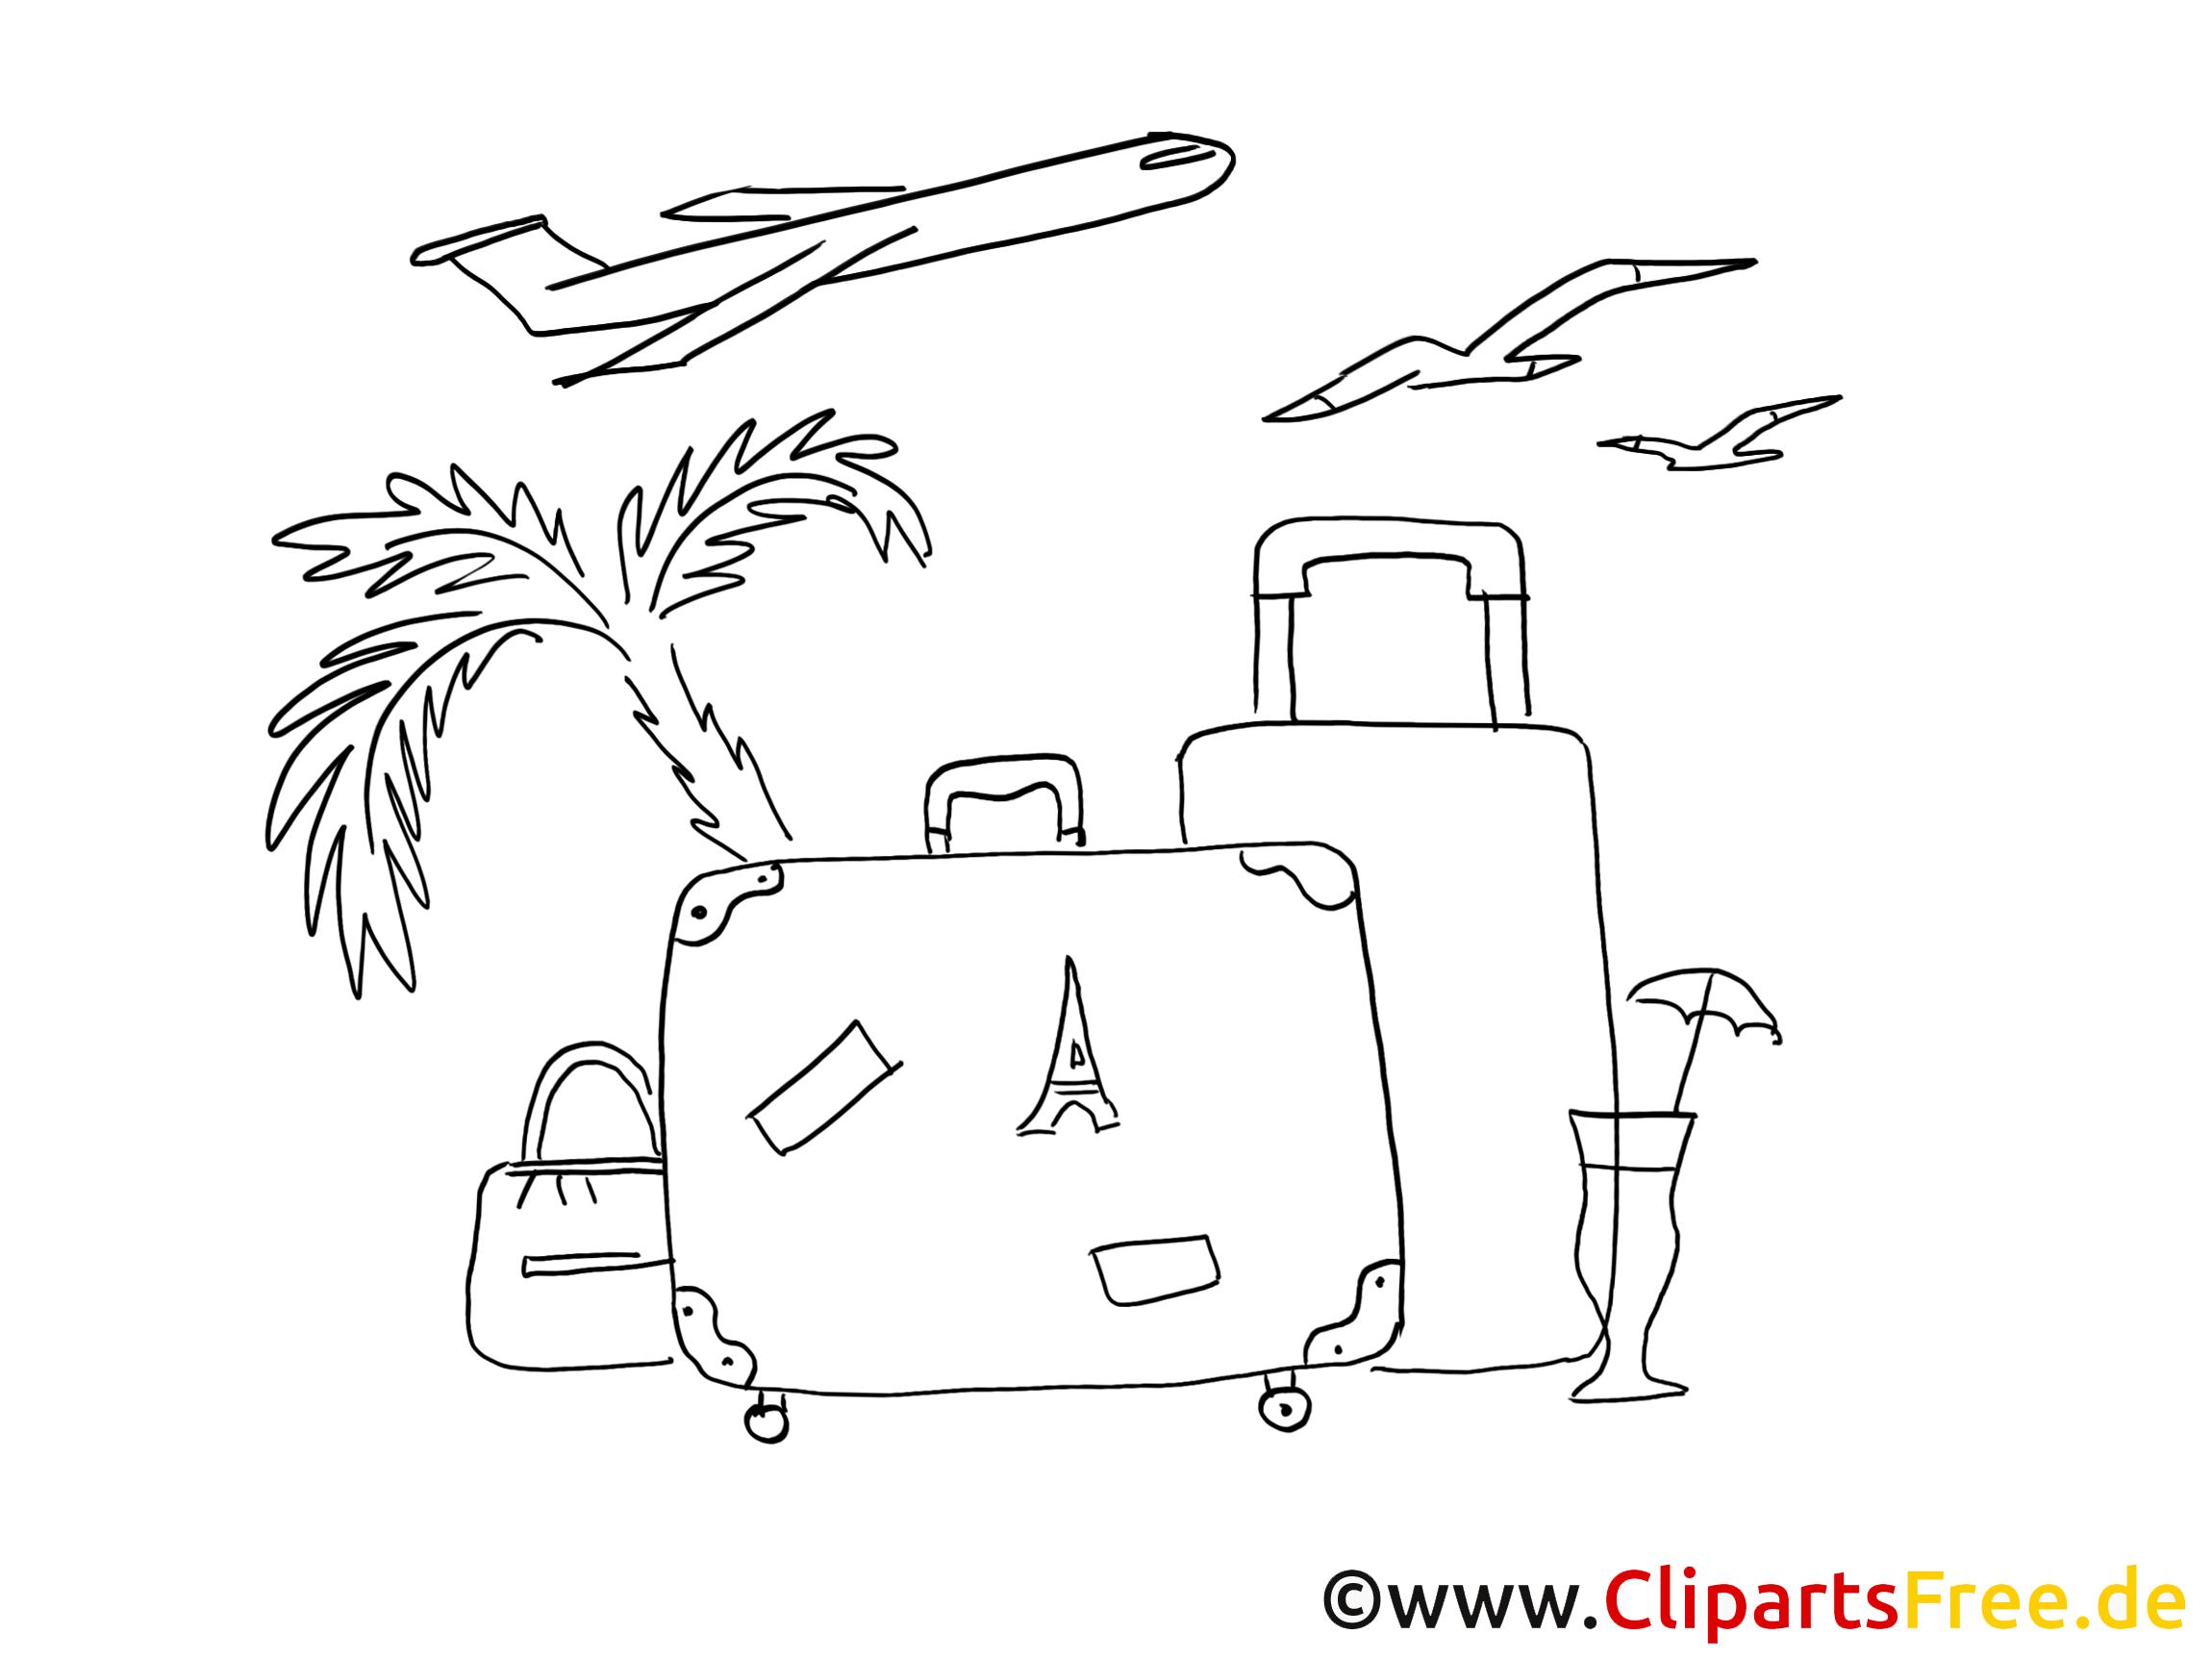 Malvorlagen Für Kinder: Urlaub Sommer Ausmalbilder Für Kinder Gratis